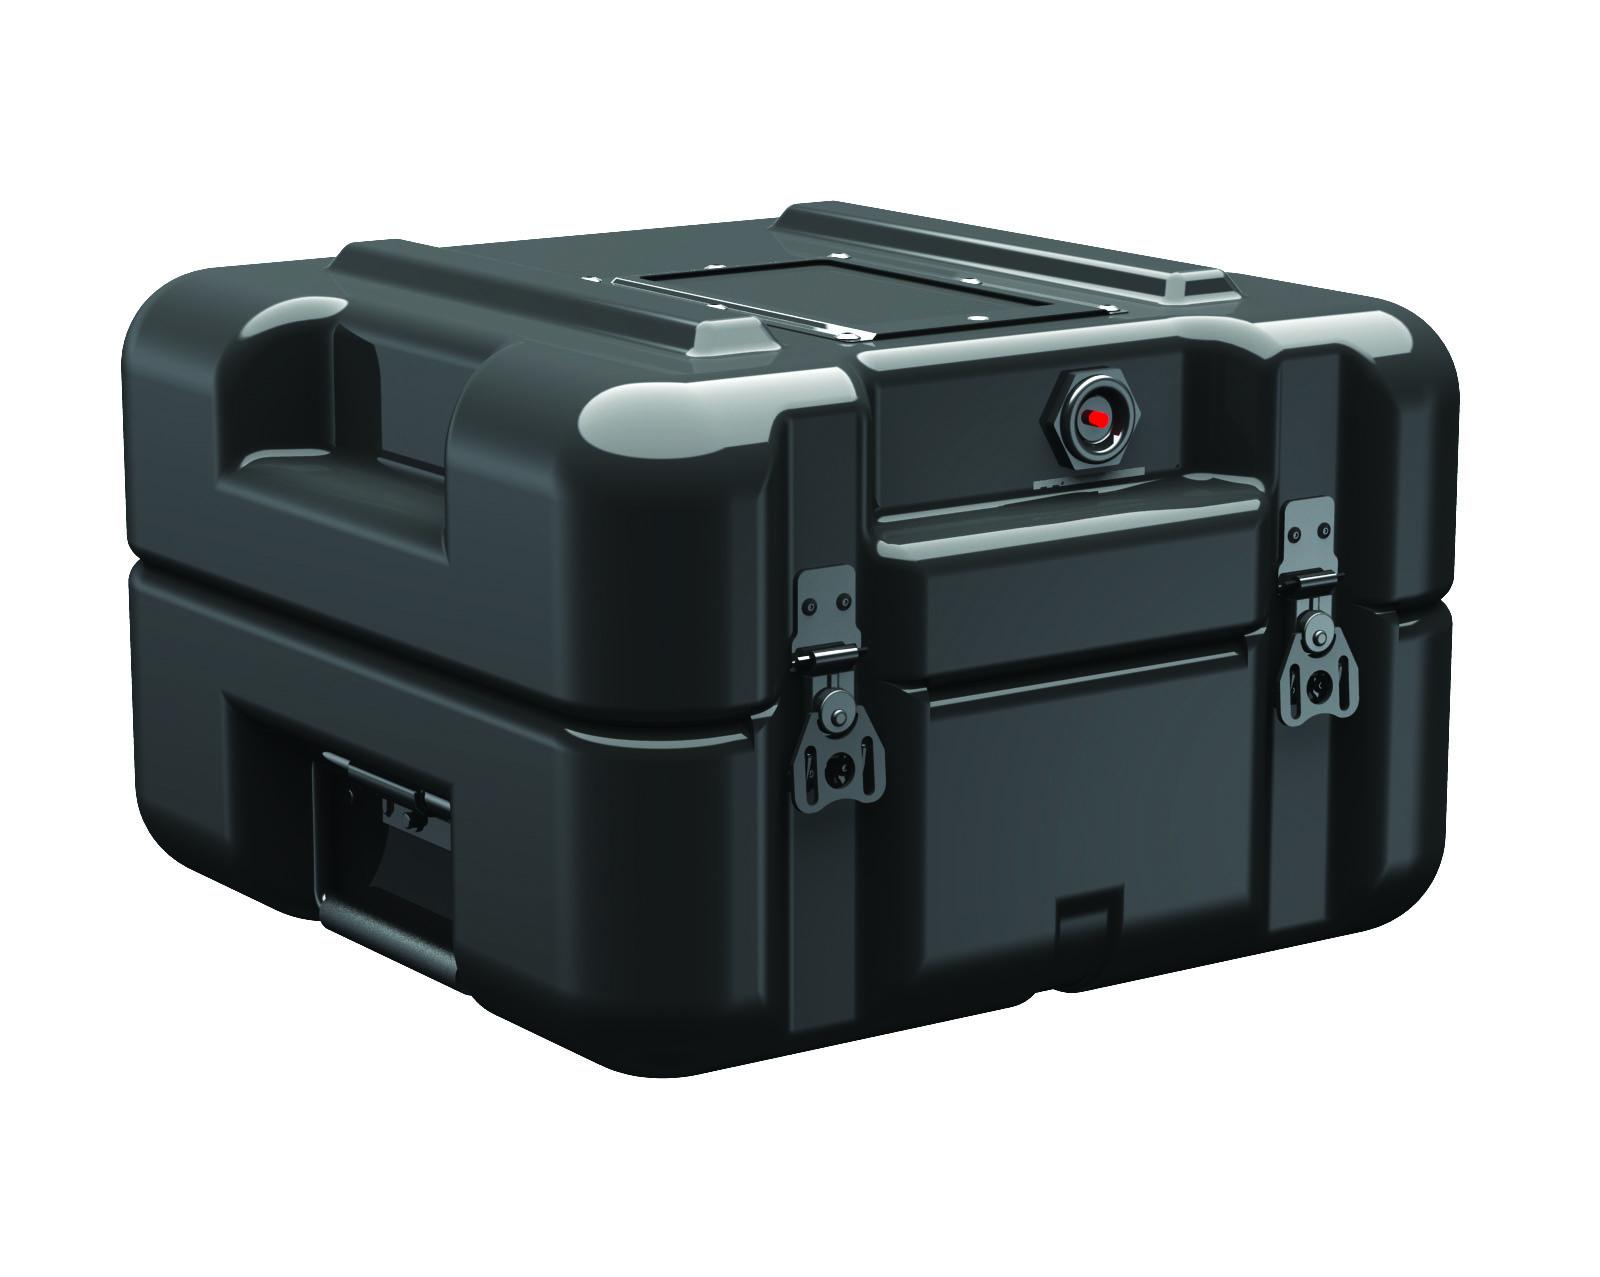 AL1212-0404 - Pelican AL1212-0404 Hardigg Cases Shipping Case